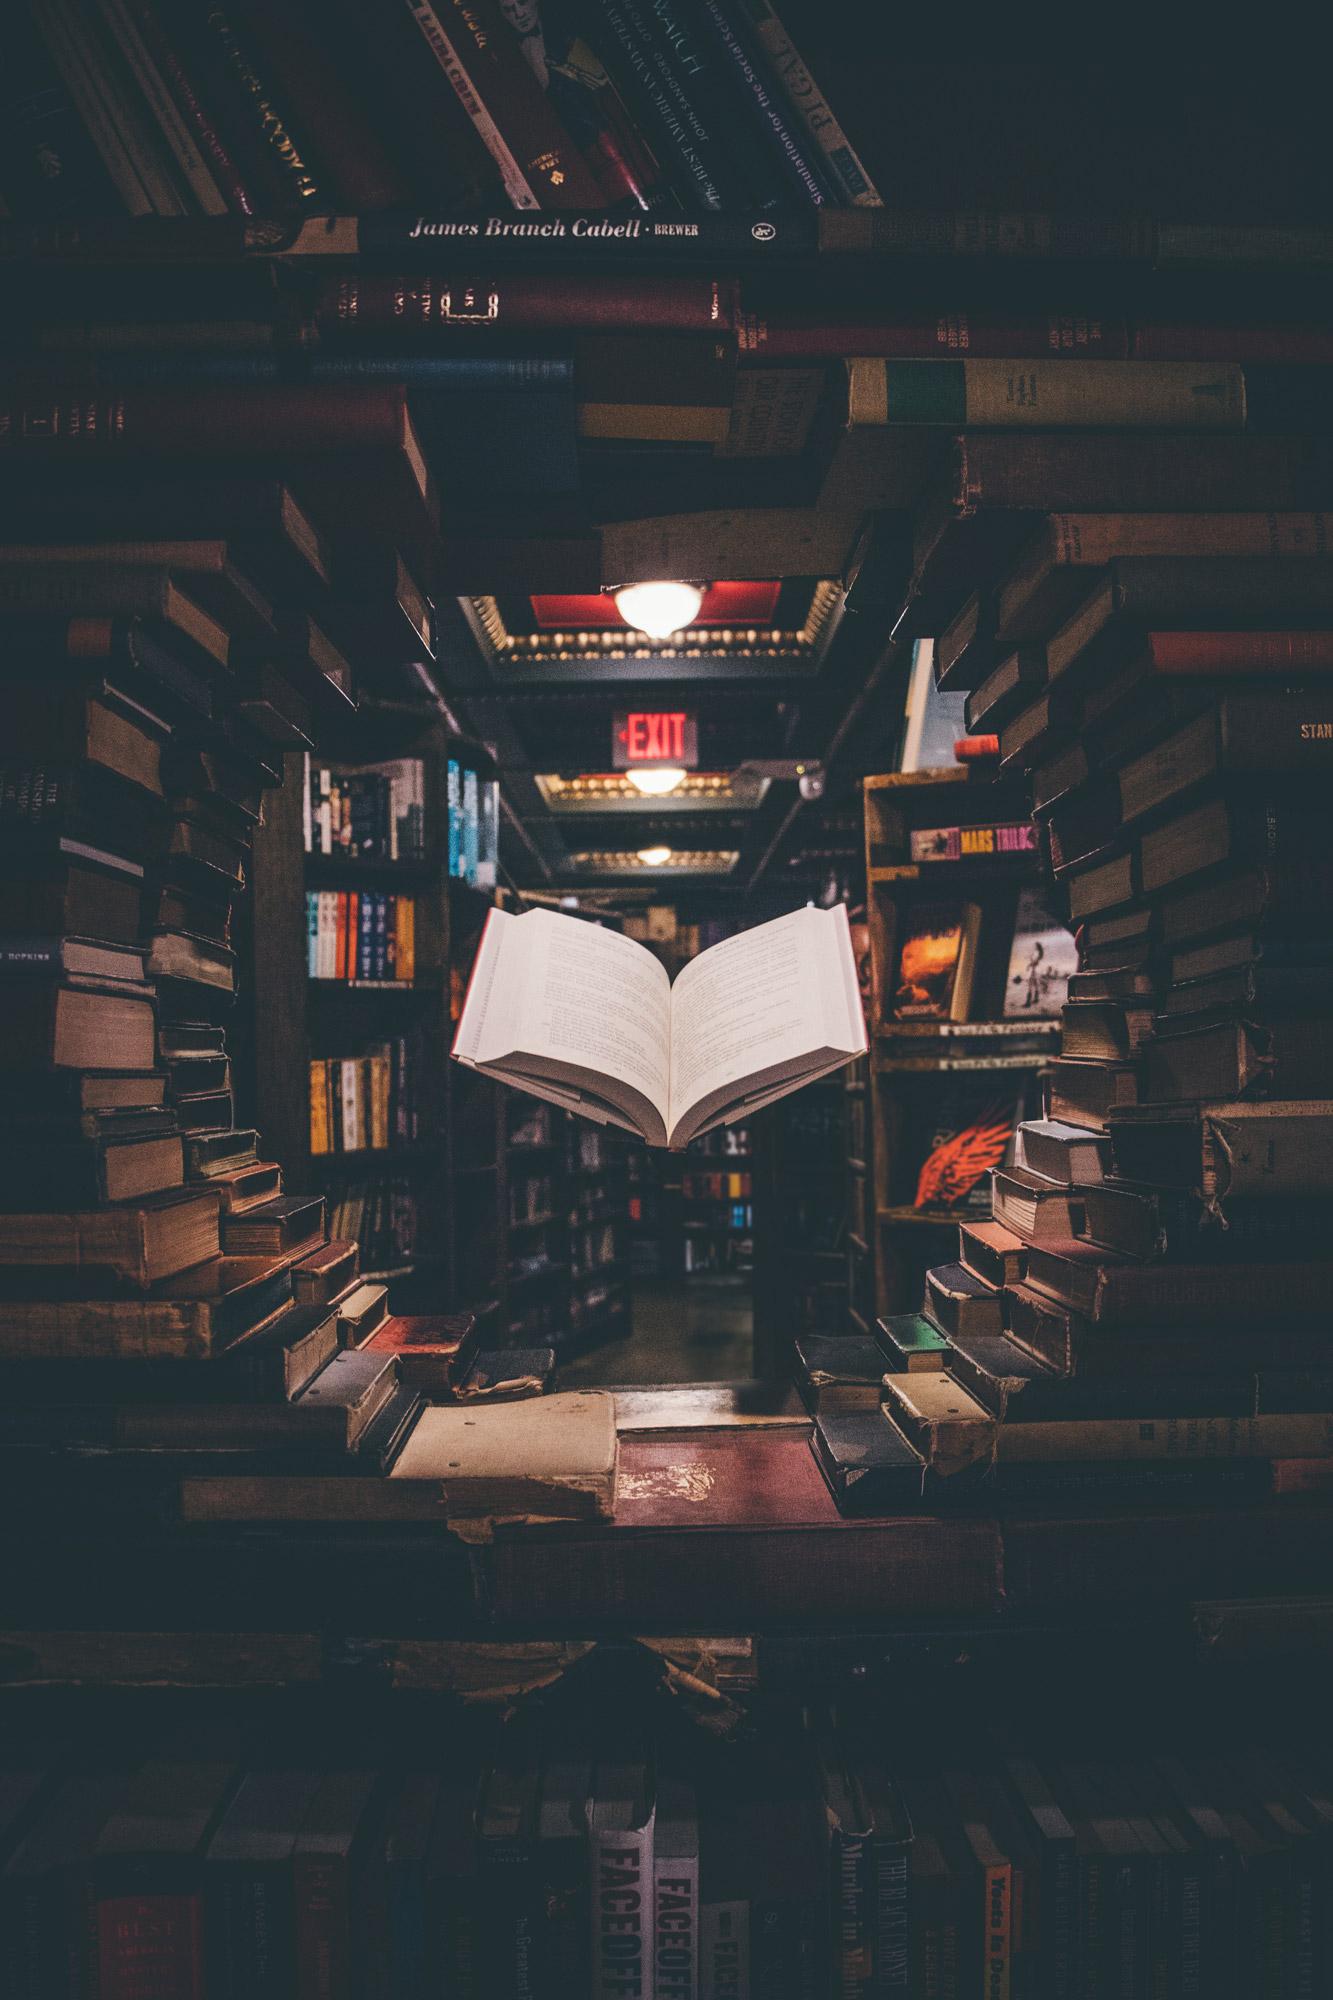 Livre en lévitation dans une bibliothèque